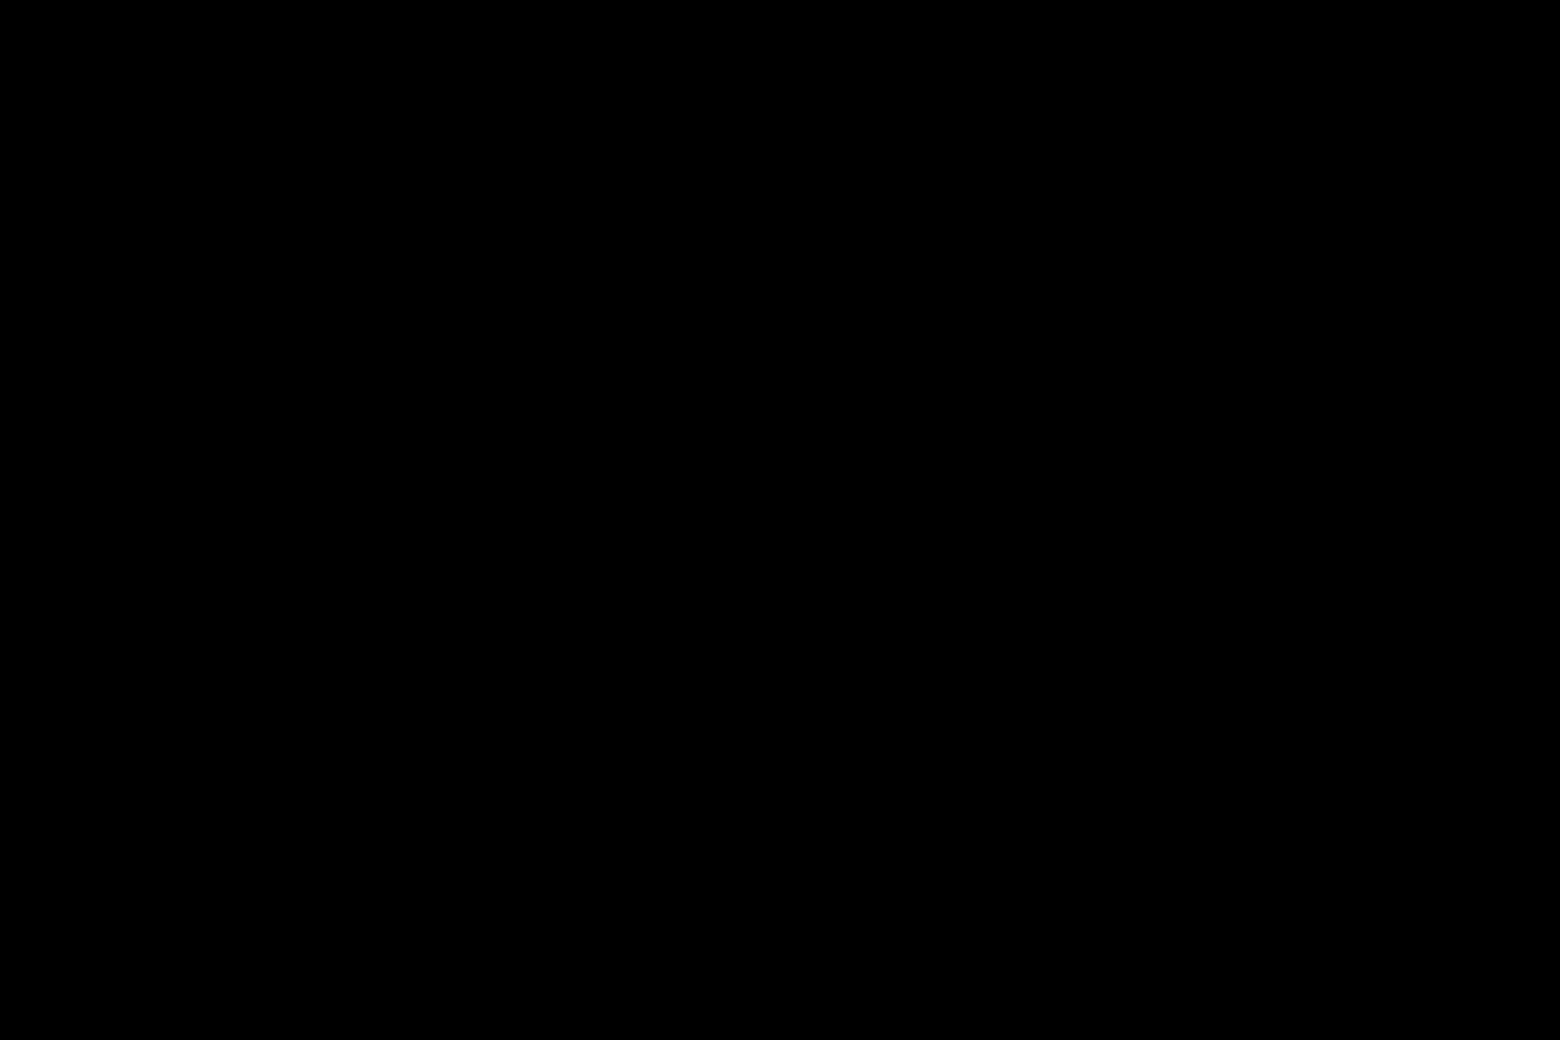 rnp6446-1-1